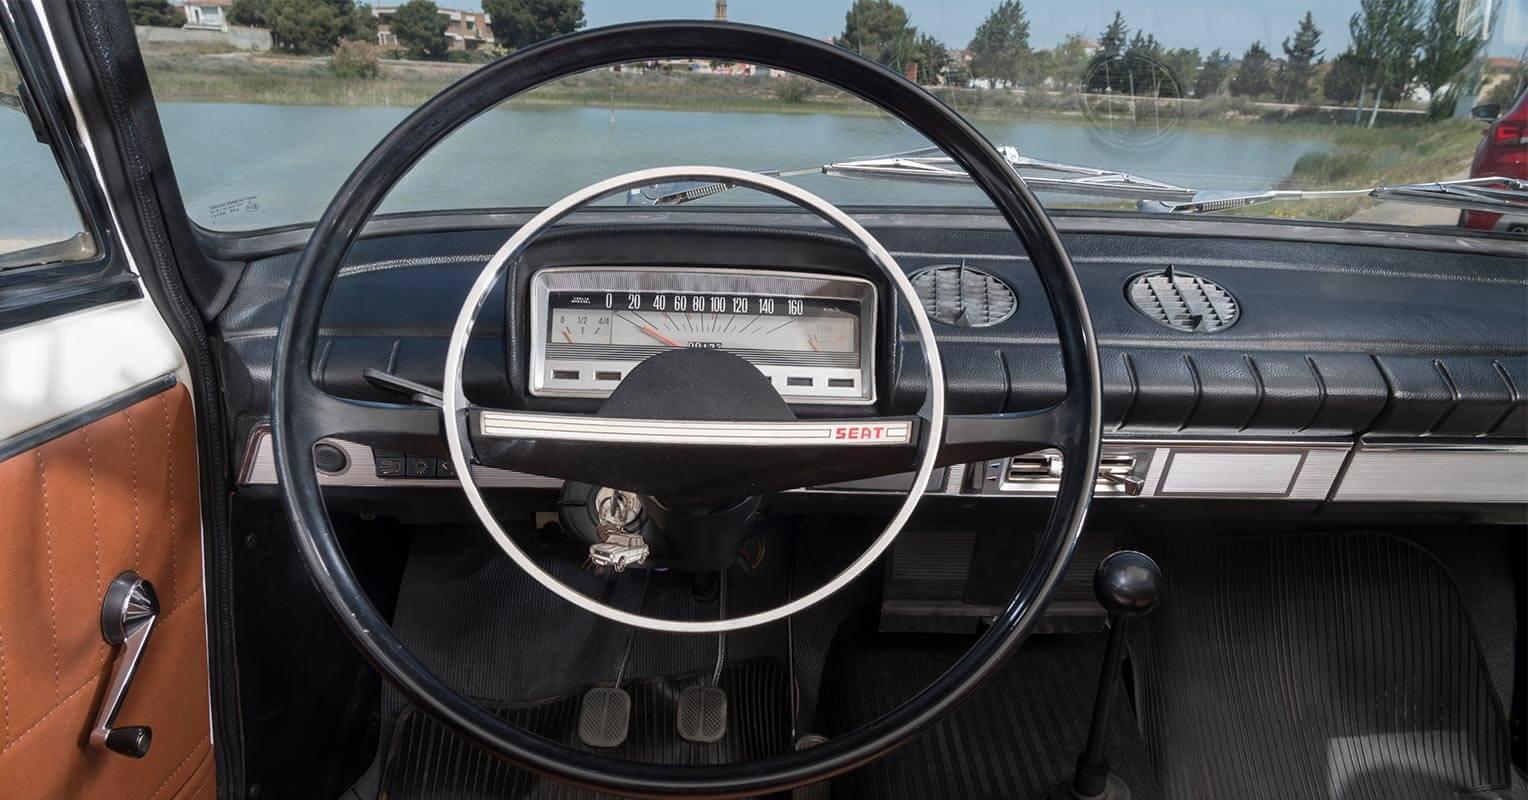 SEAT 124 interior